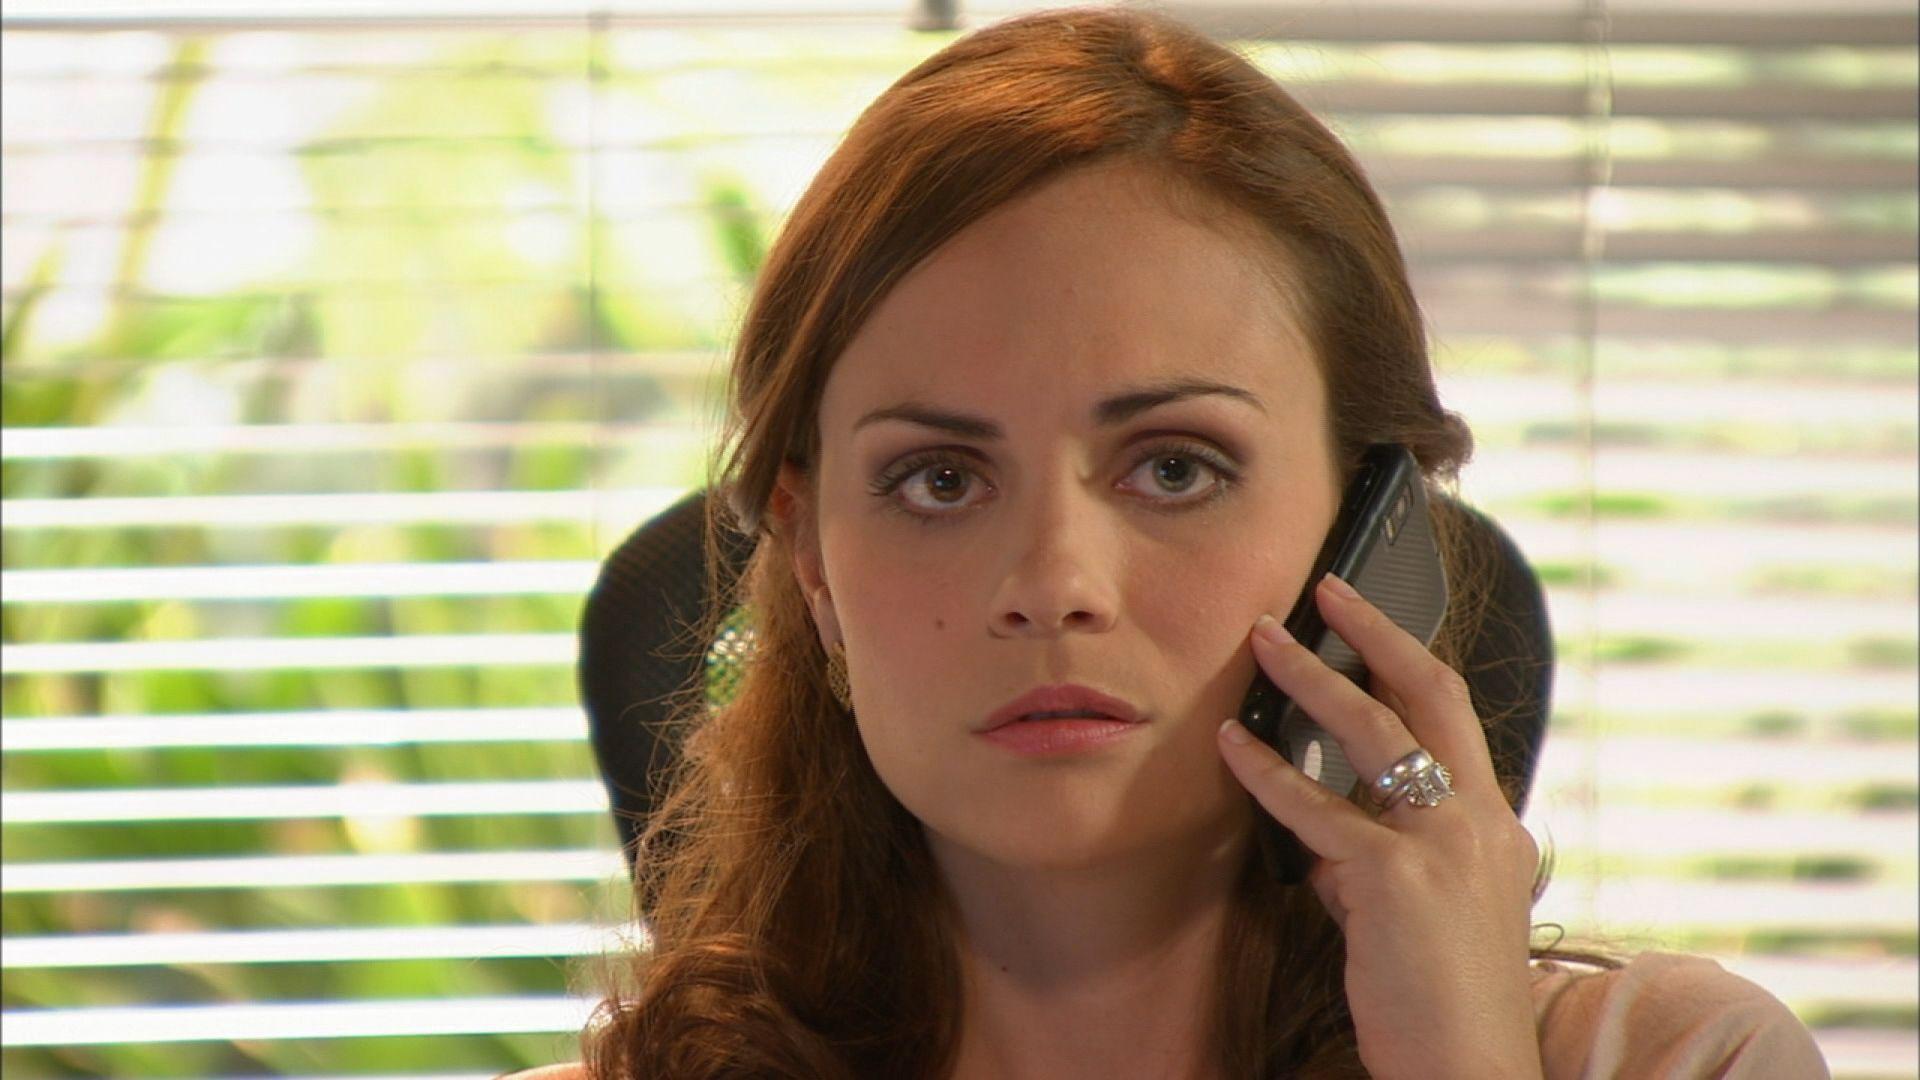 Capítulo 8 de abril – Verónica reaparece en la vida de Natalia | ¿Quién Eres Tú?